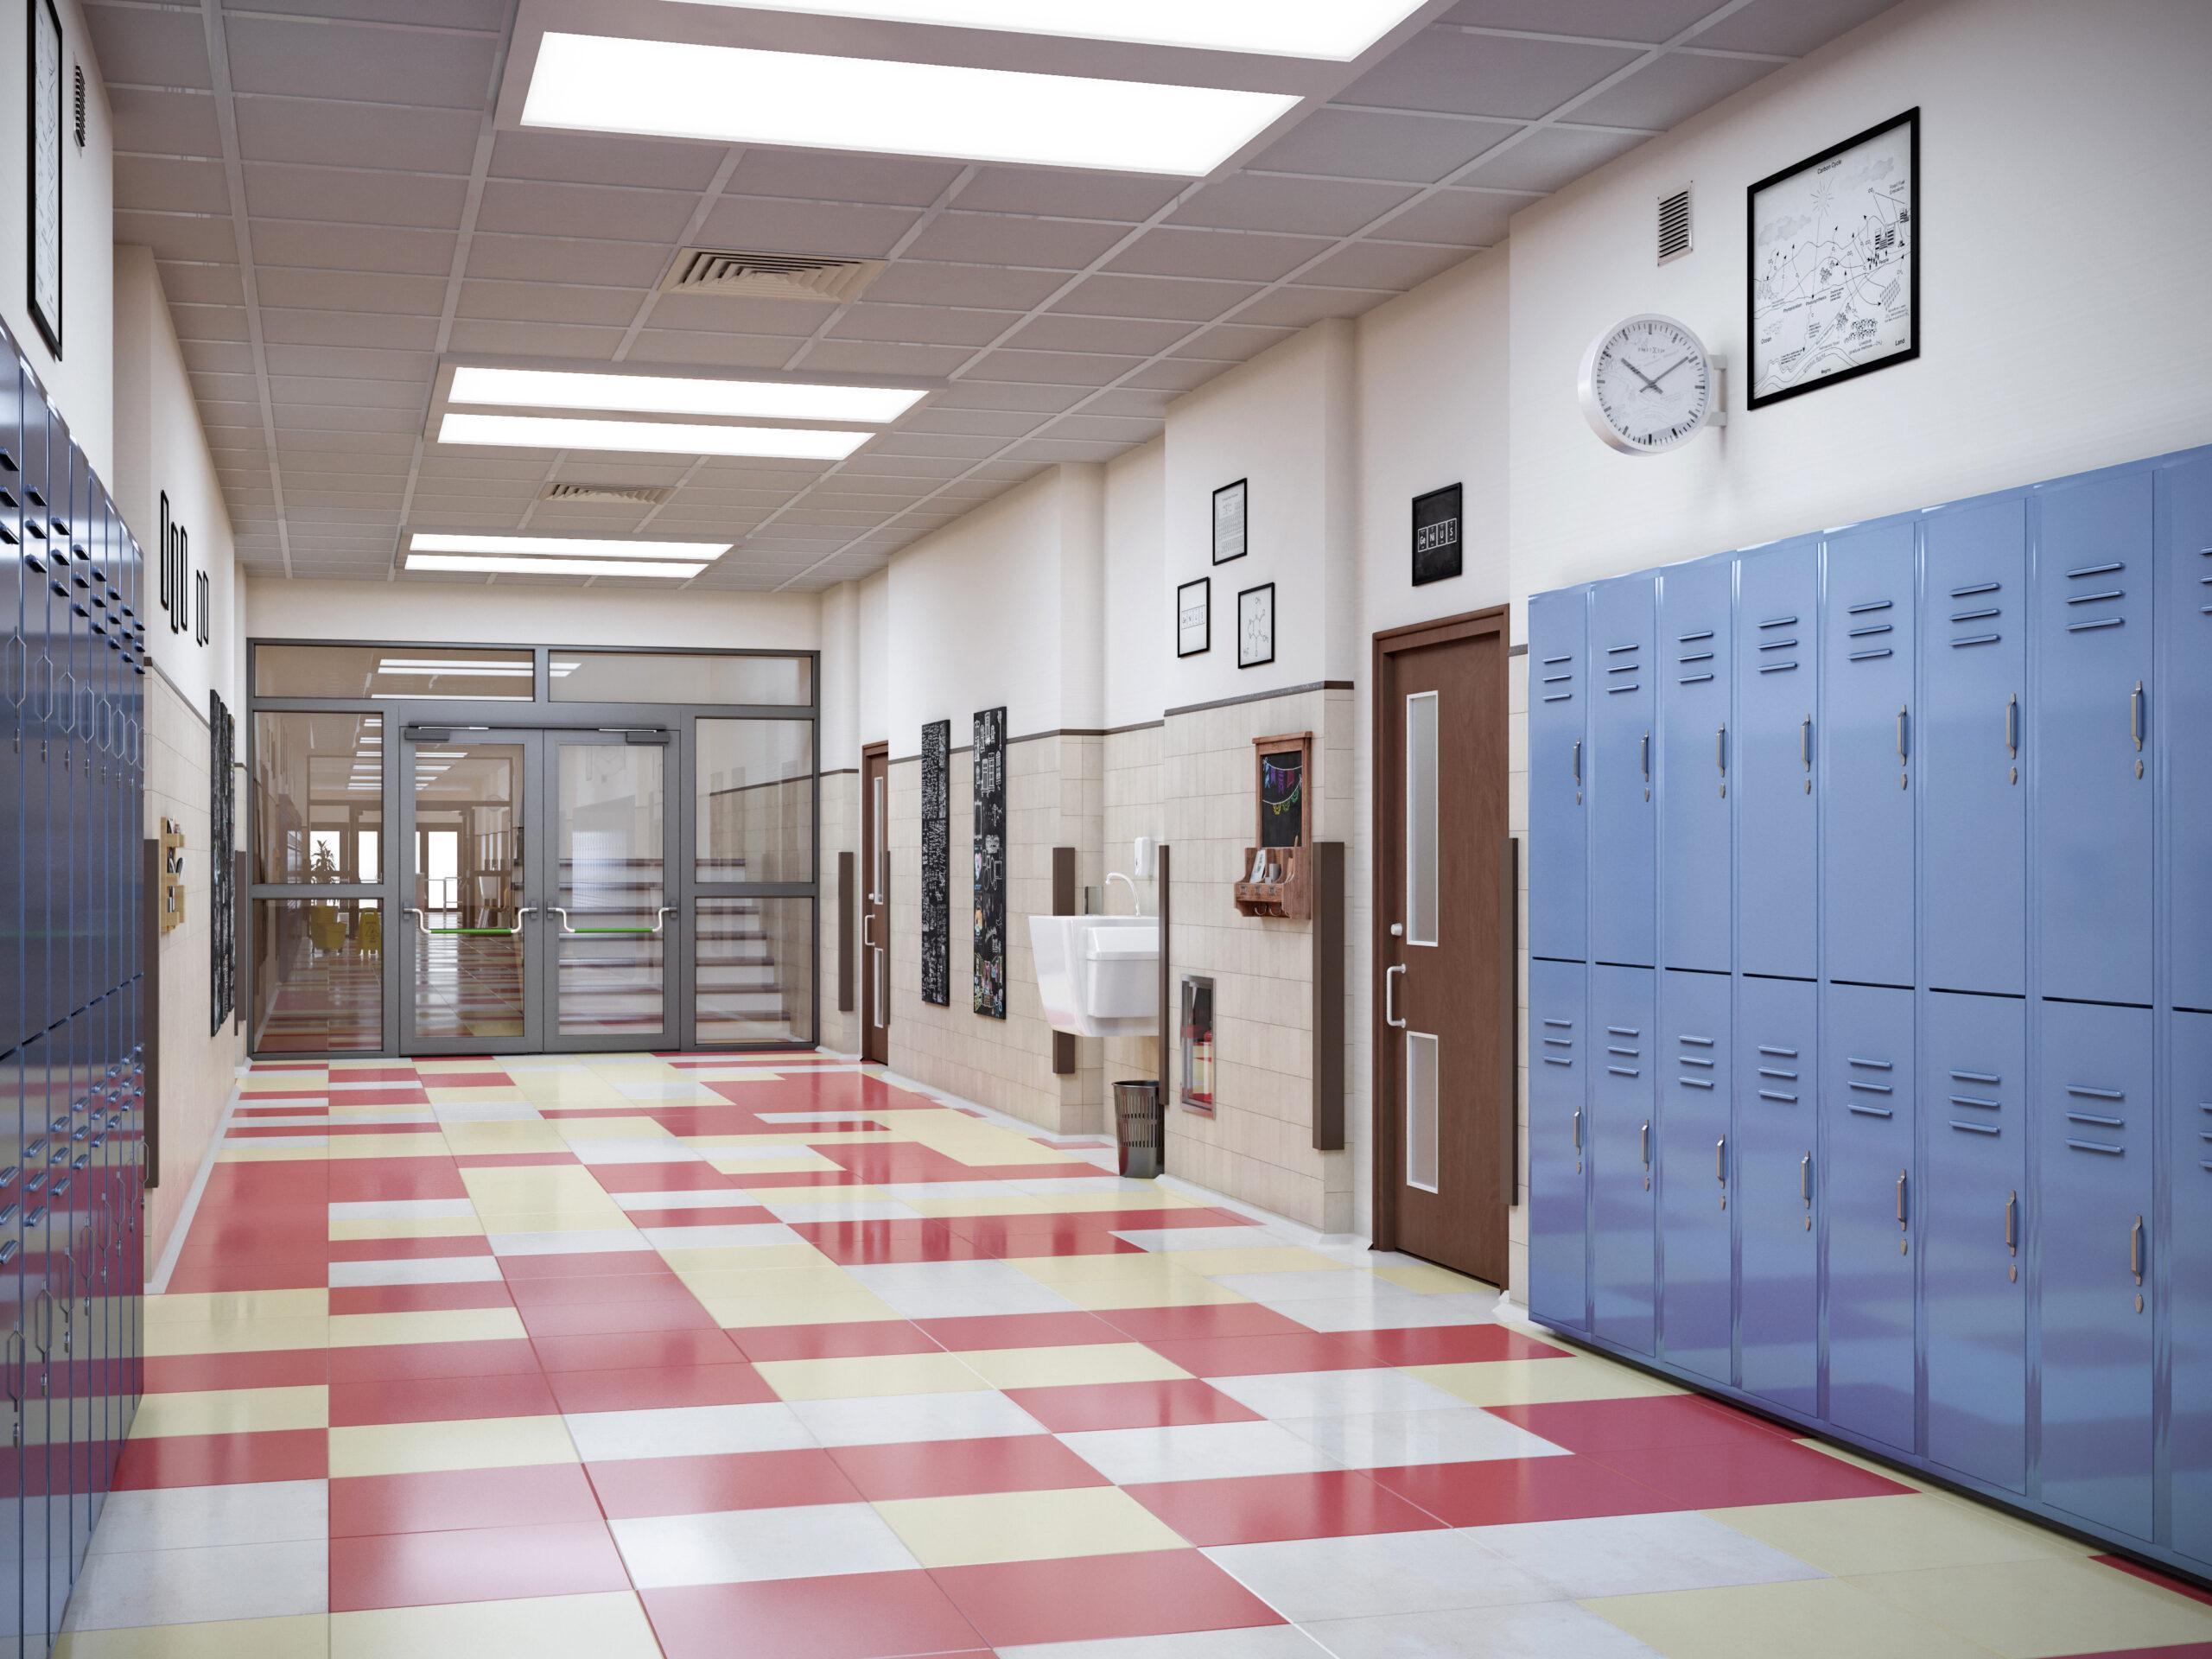 Fermeture des écoles le 19 mai